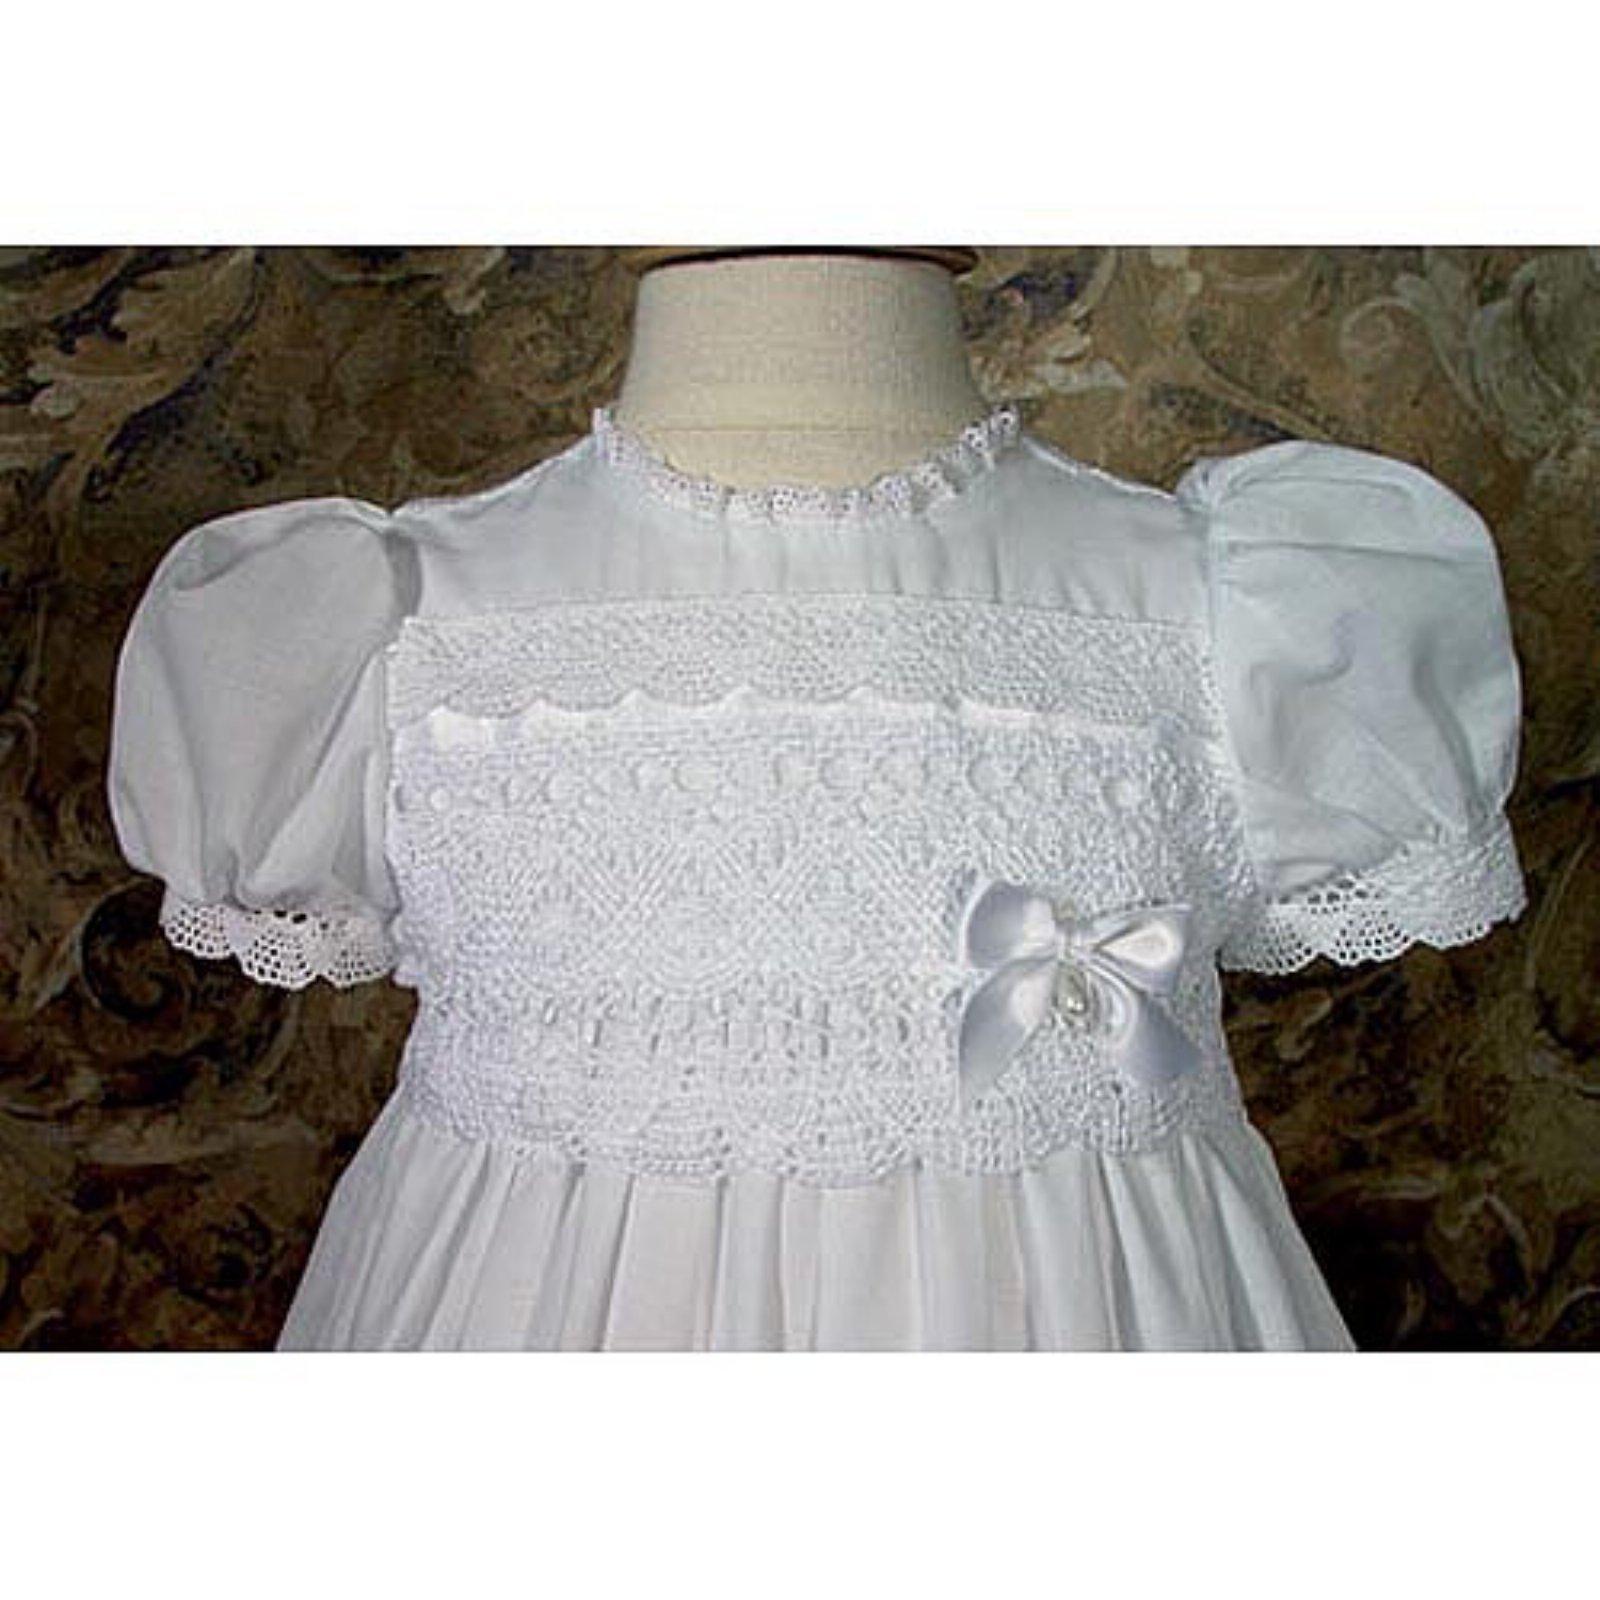 Katie Cotton Christening Gown